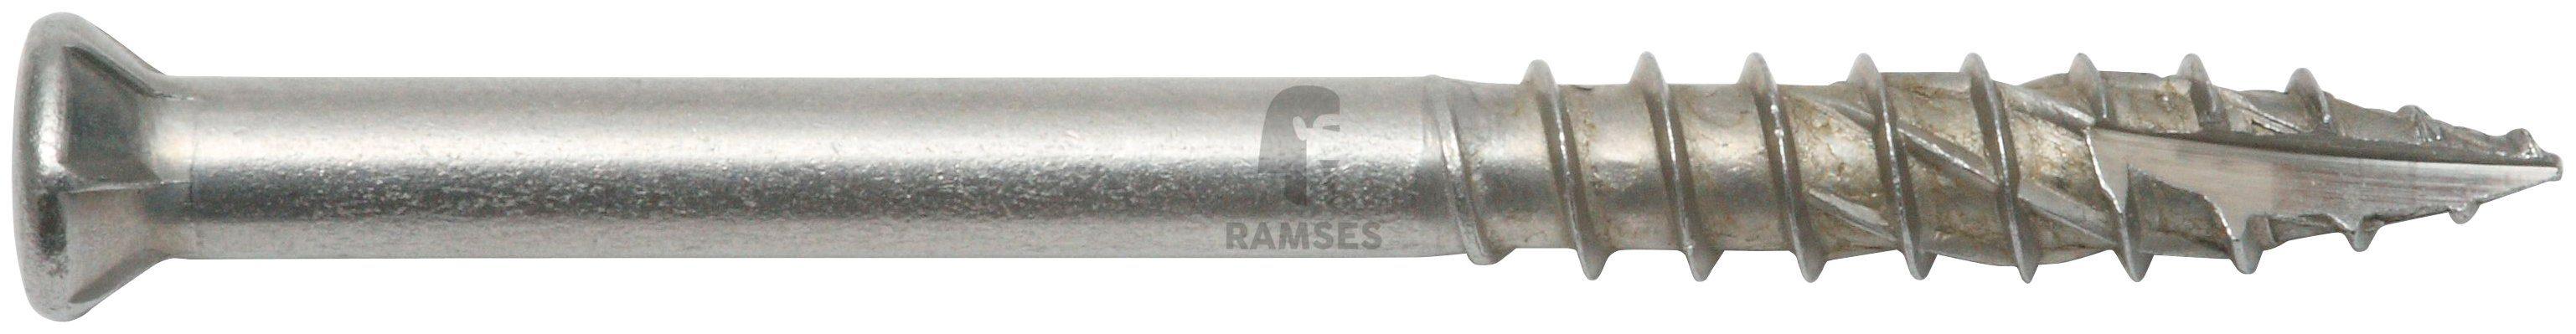 RAMSES Schrauben , Terrassenschraube 5,5 x 70 mm A4 ttap 25 mit Bit 200 Stk.